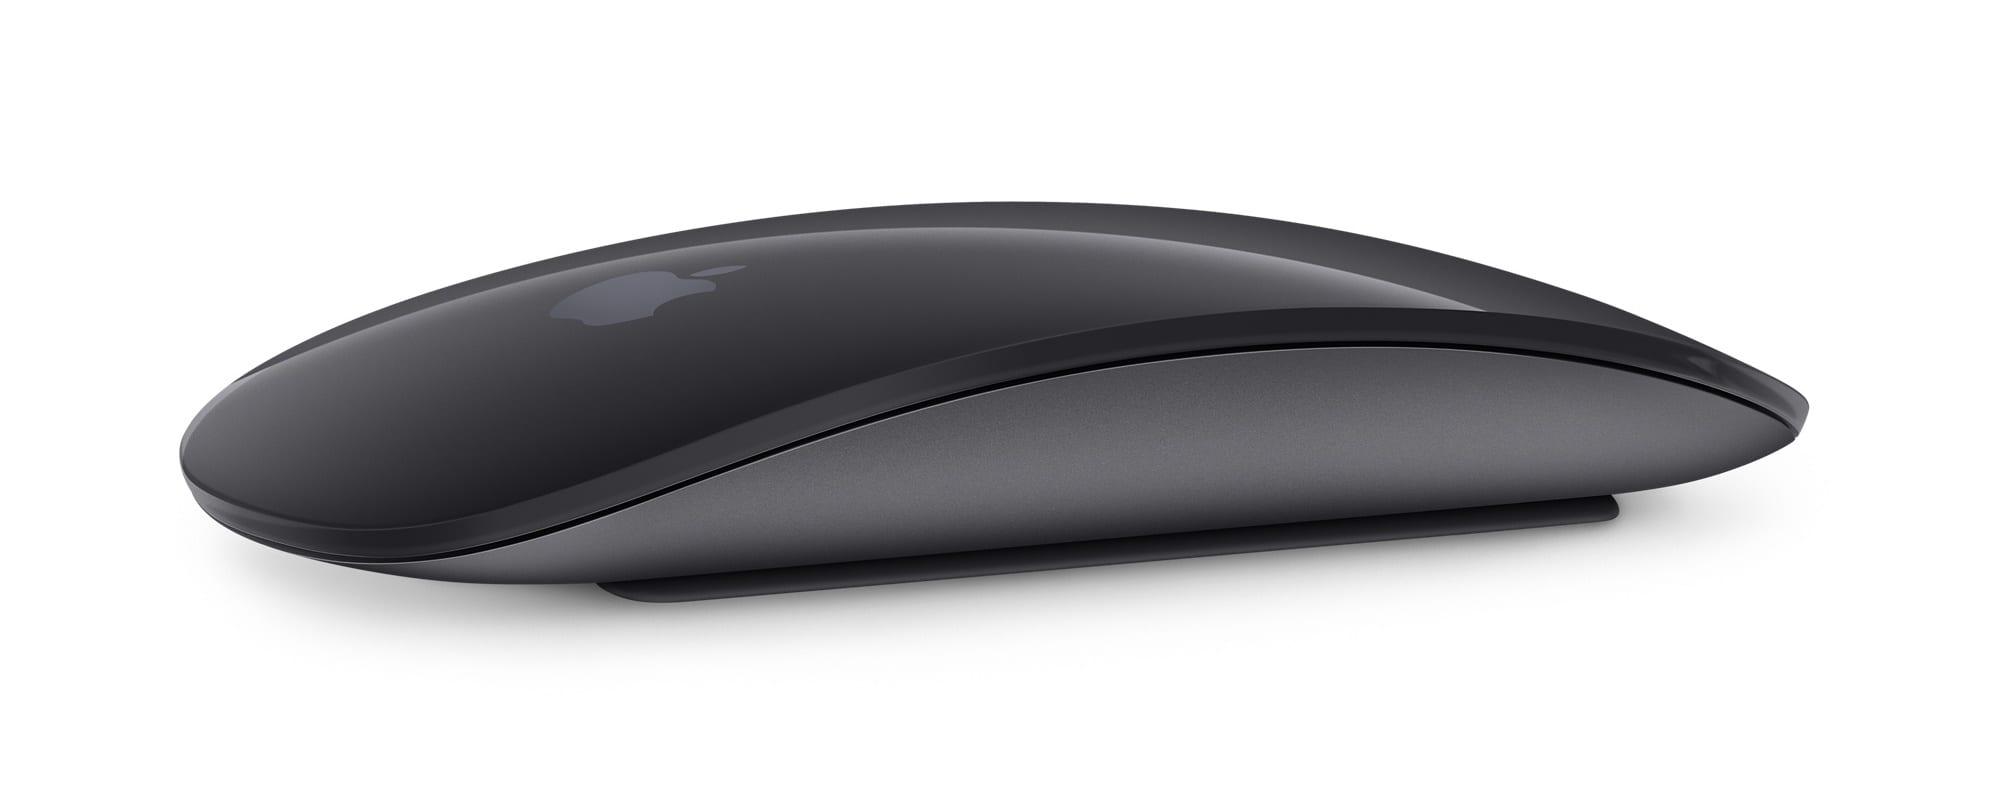 apple magic mouse space gray - Apple začal prodávat černé příslušenství pro iMac Pro zvlášť